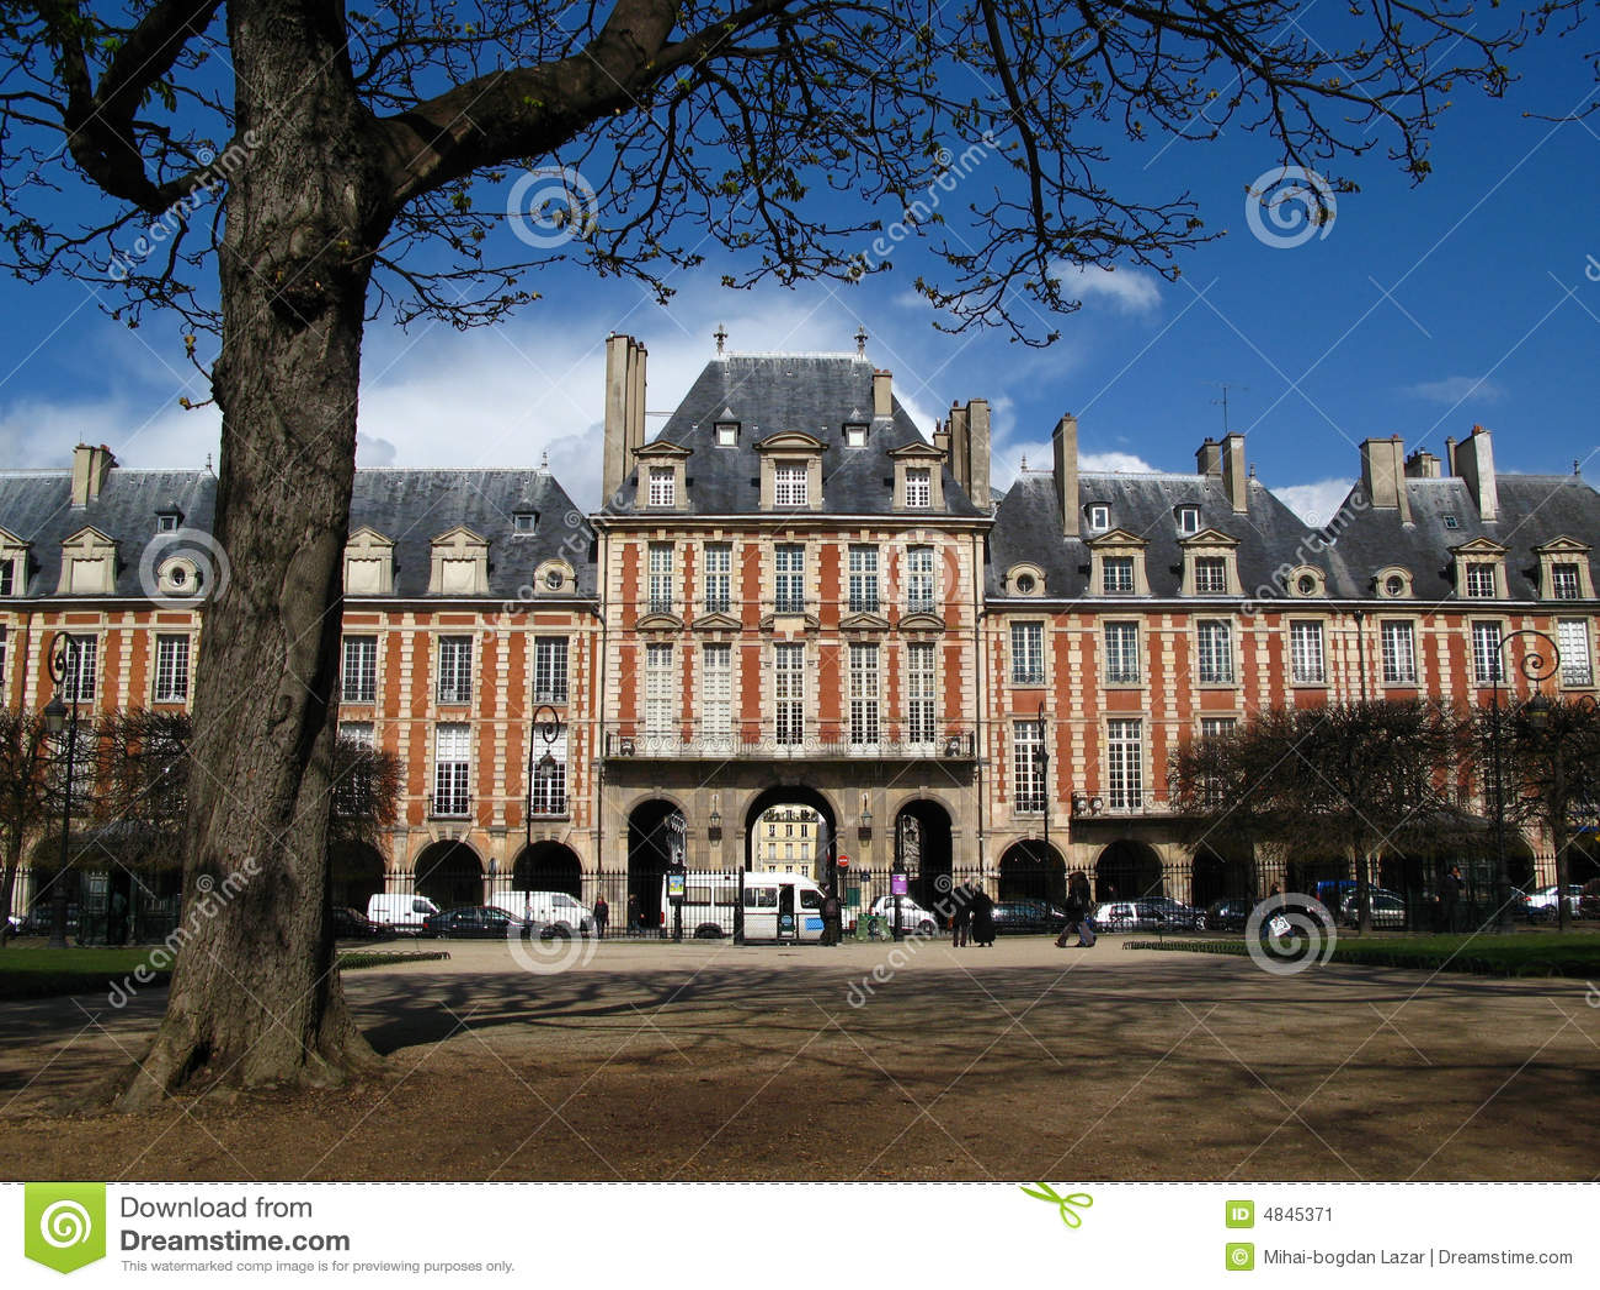 Placez DES VOSGES, Paris, France